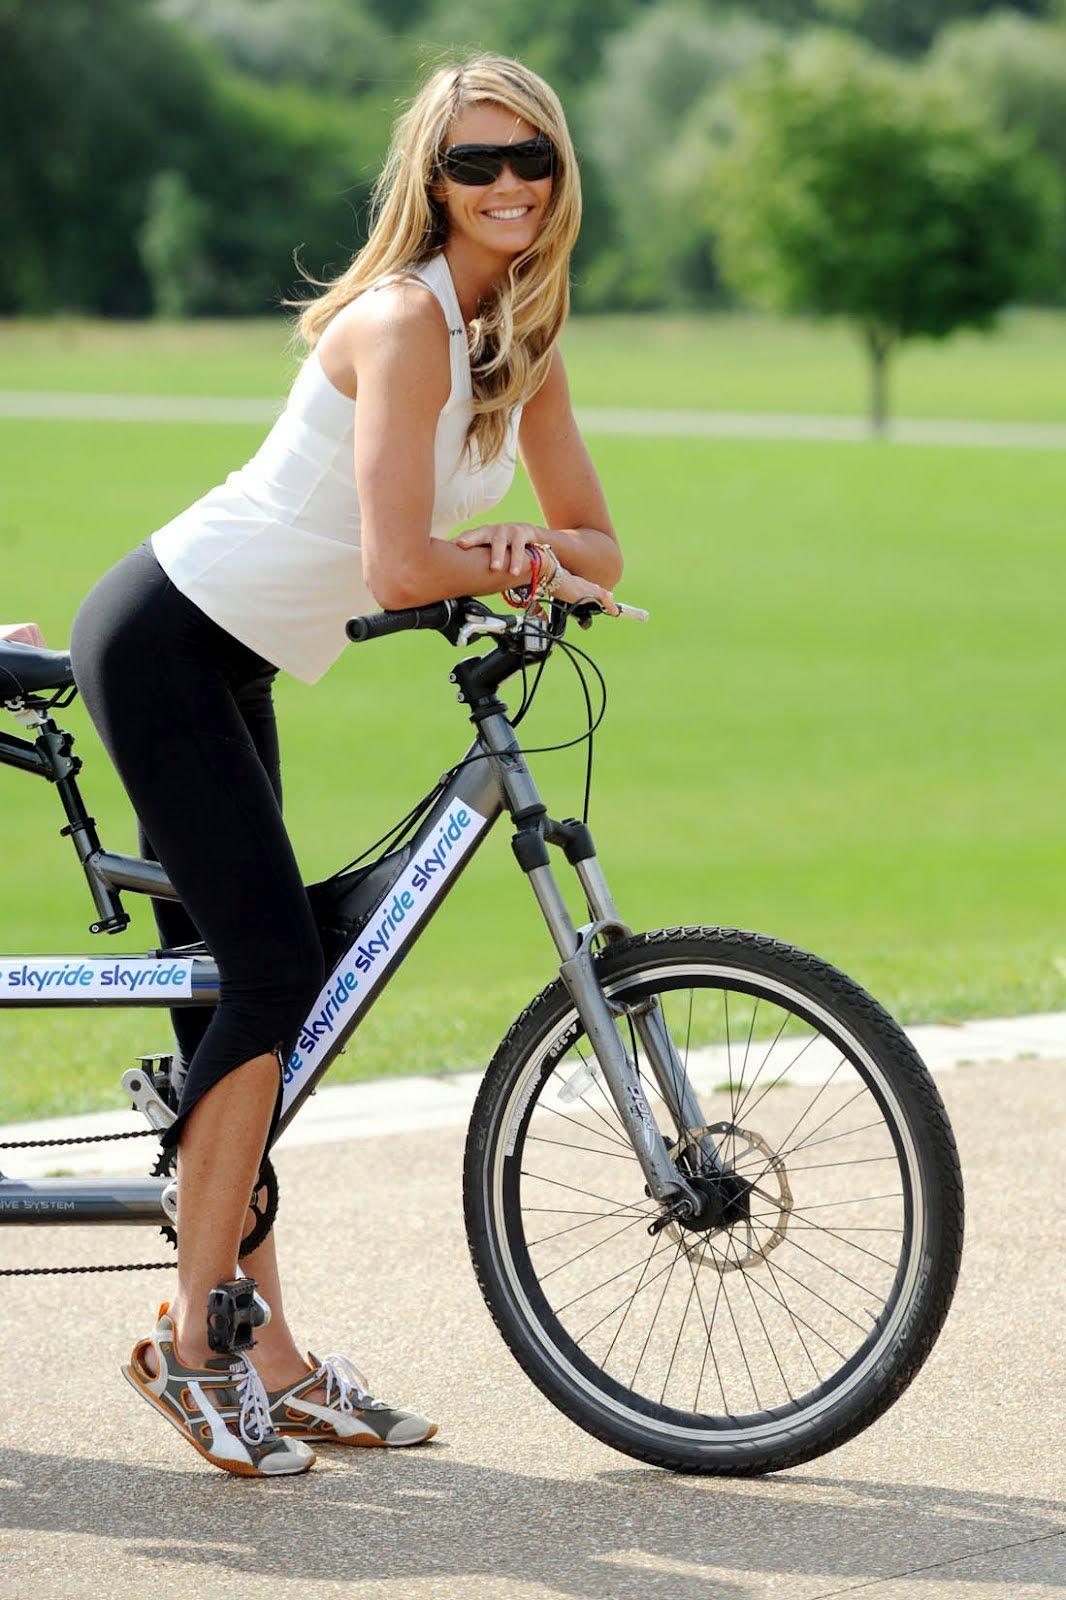 Elle Macpherson On Wheels Bike Pinterest Jersey Sepeda Downhill Trail Tld White Simple